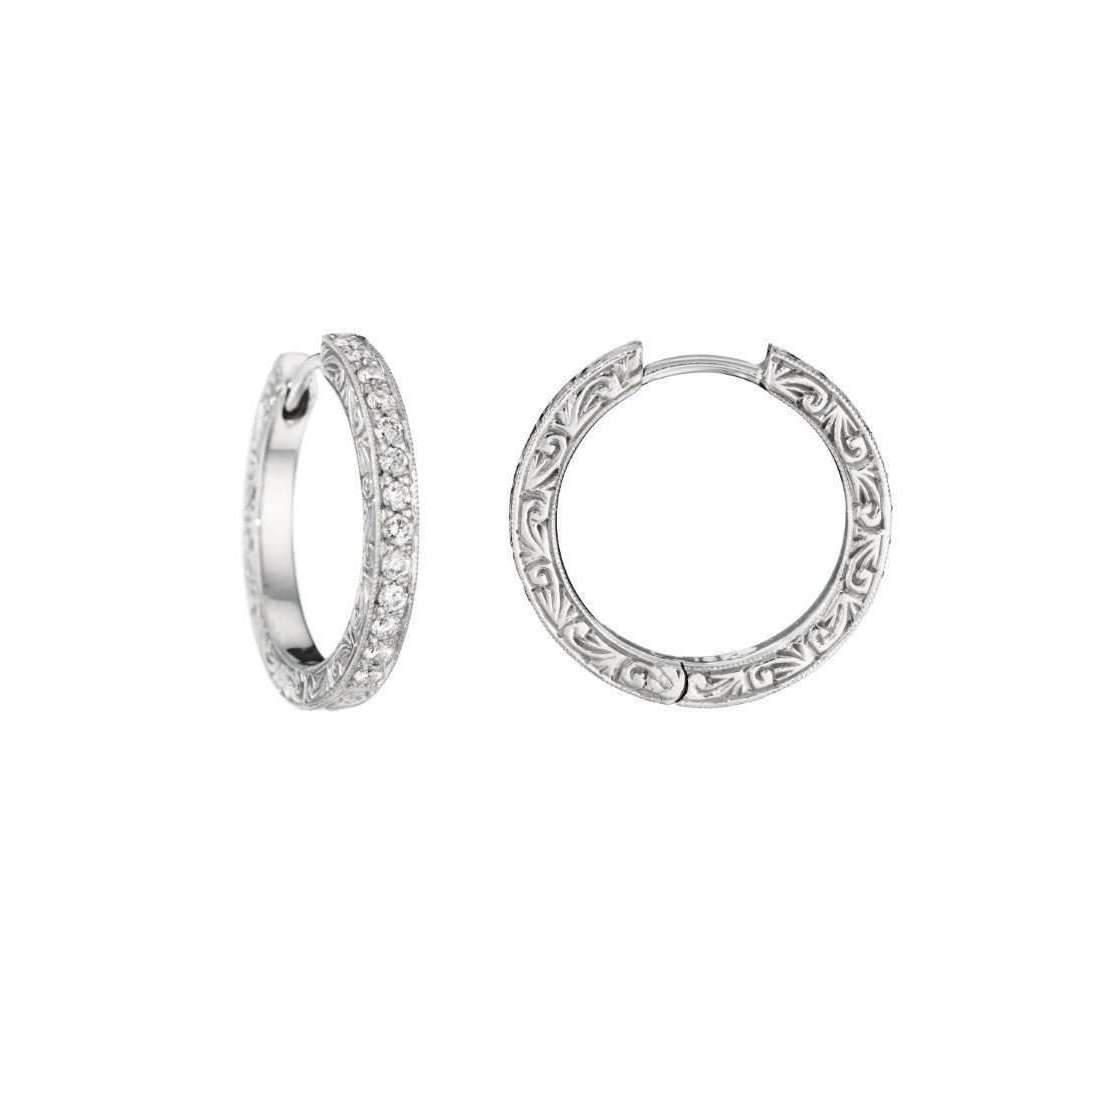 Penny Preville Oval Diamond White Gold Hoop Earrings R7vcNRb8s